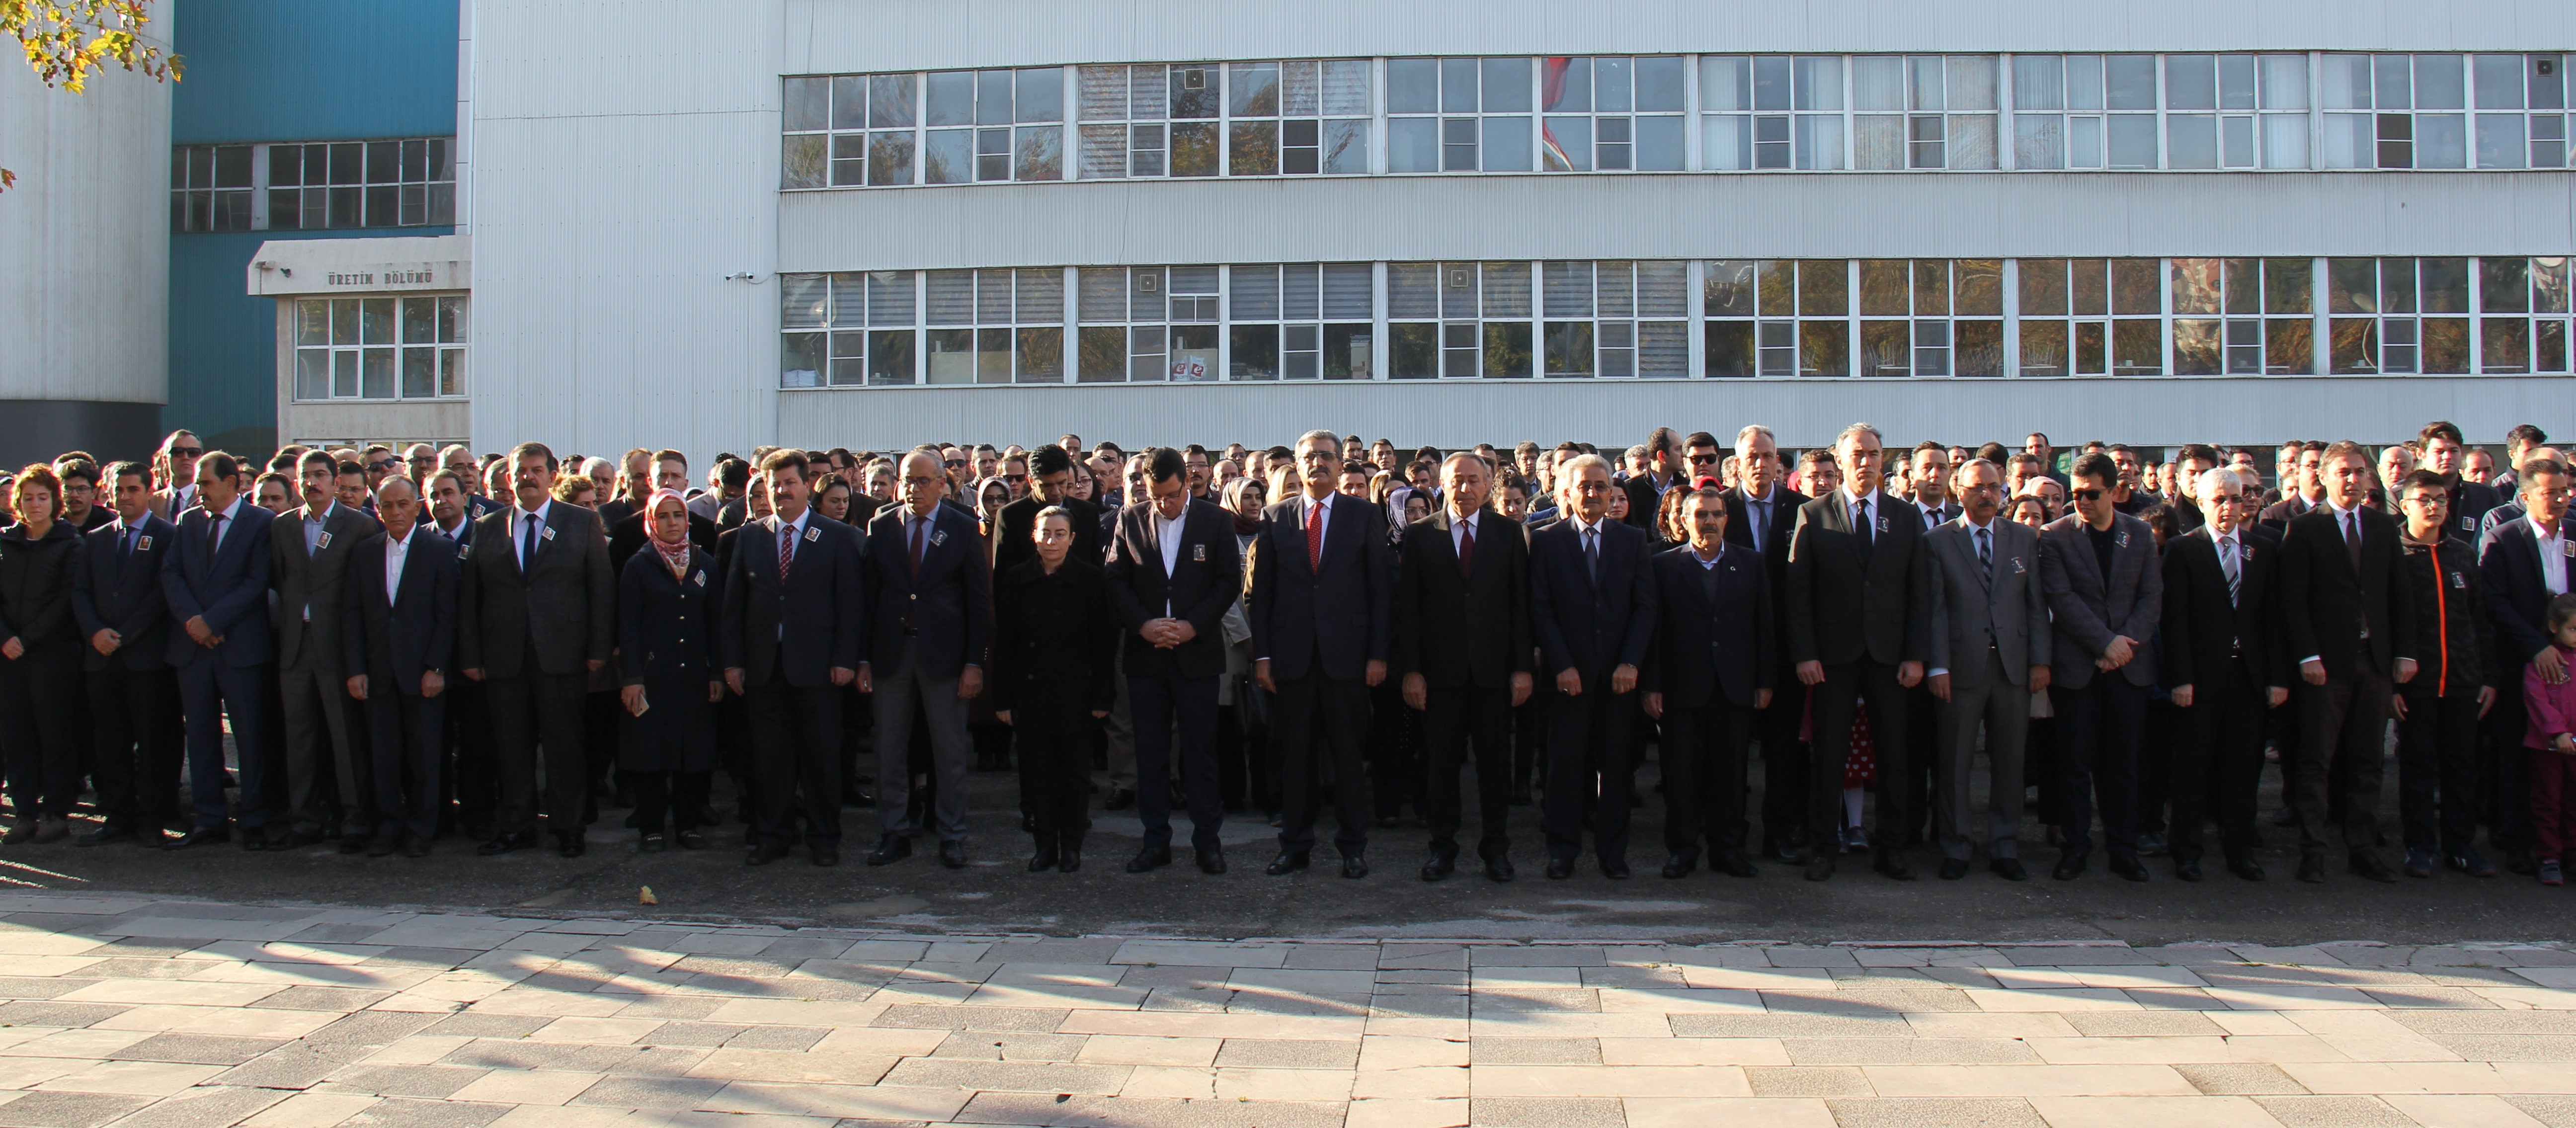 ATATÜRK'ÜN BAŞARISI, SONSUZA DEK BİZE IŞIK TUTACAK